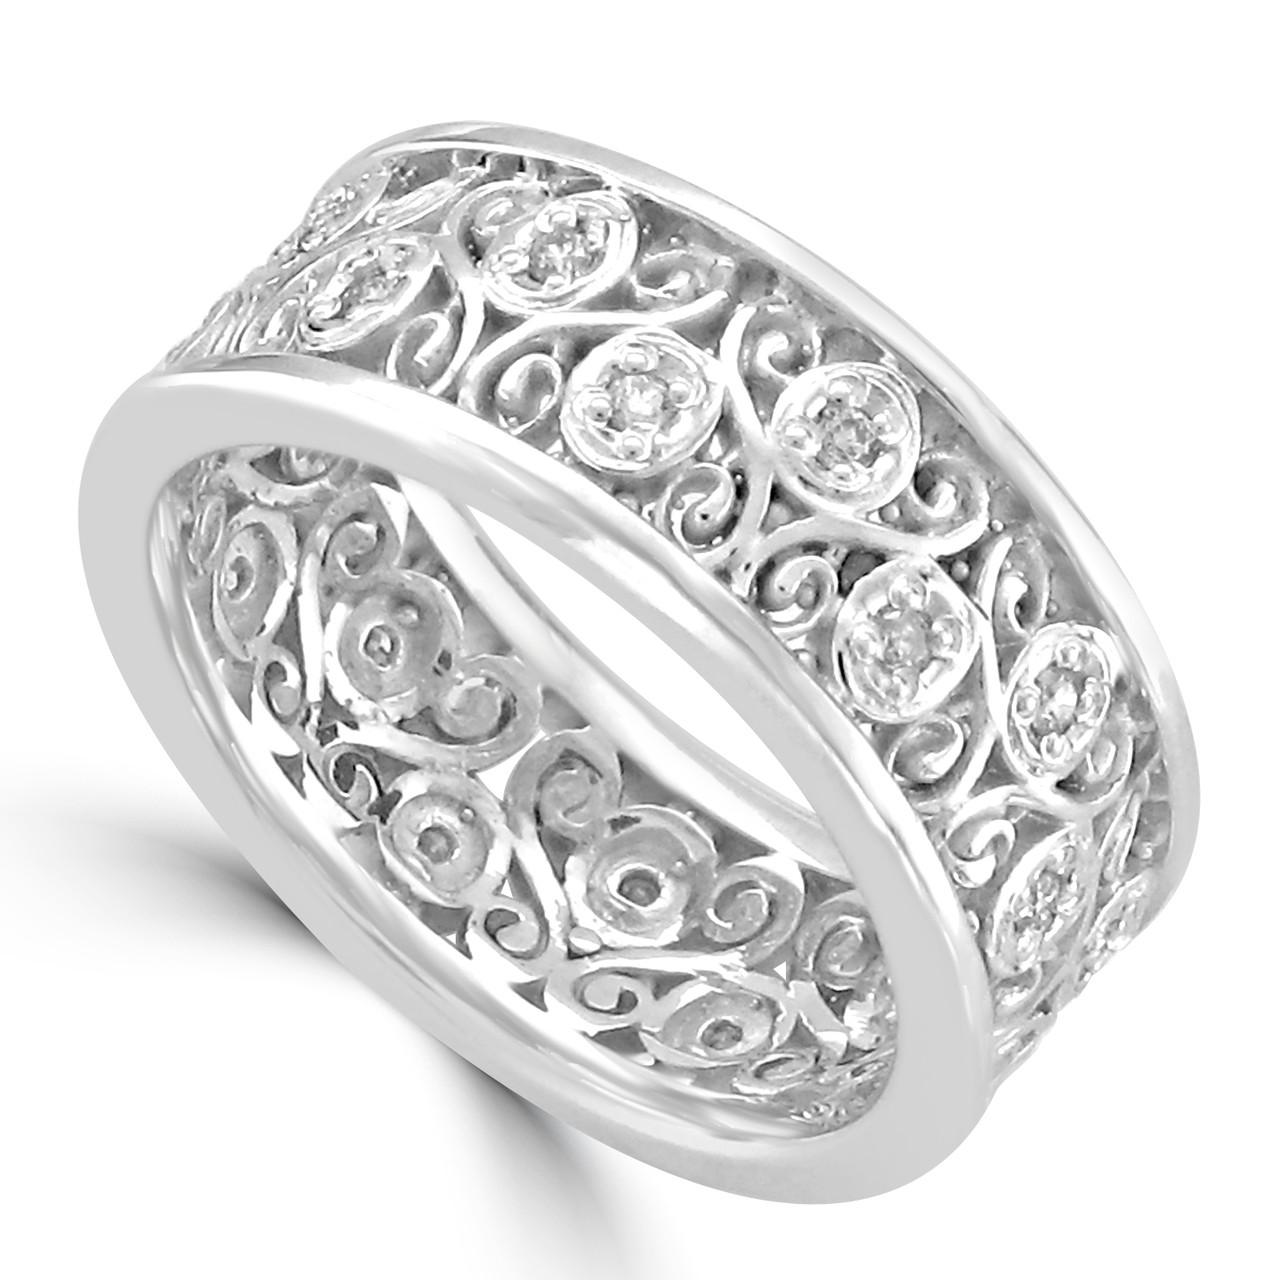 Filigree Wedding Band.14k White Gold Filigree Eternity Style Wedding Band